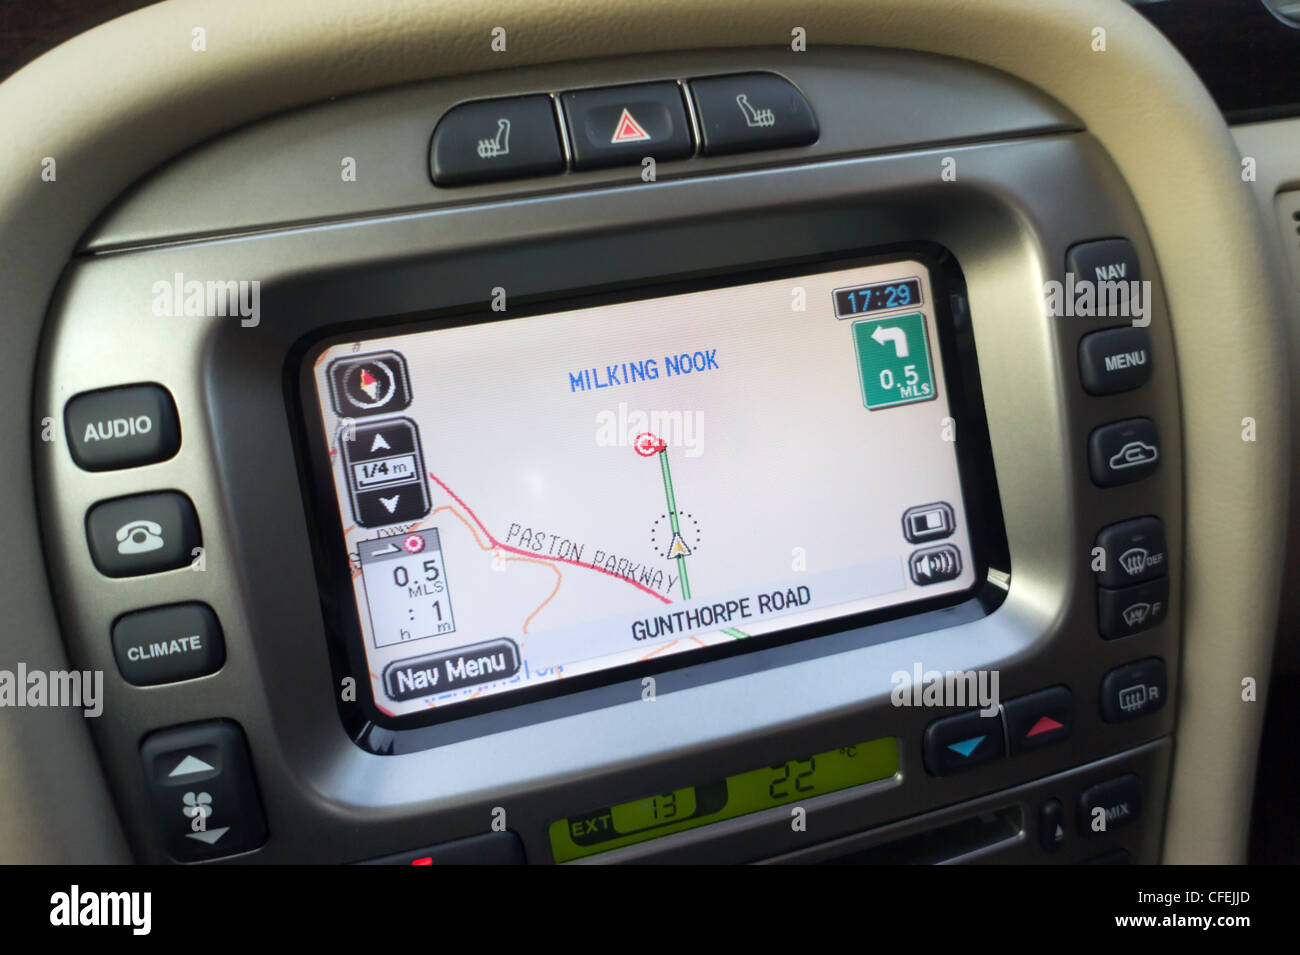 Satnav screen in a Jaguar x-type. - Stock Image